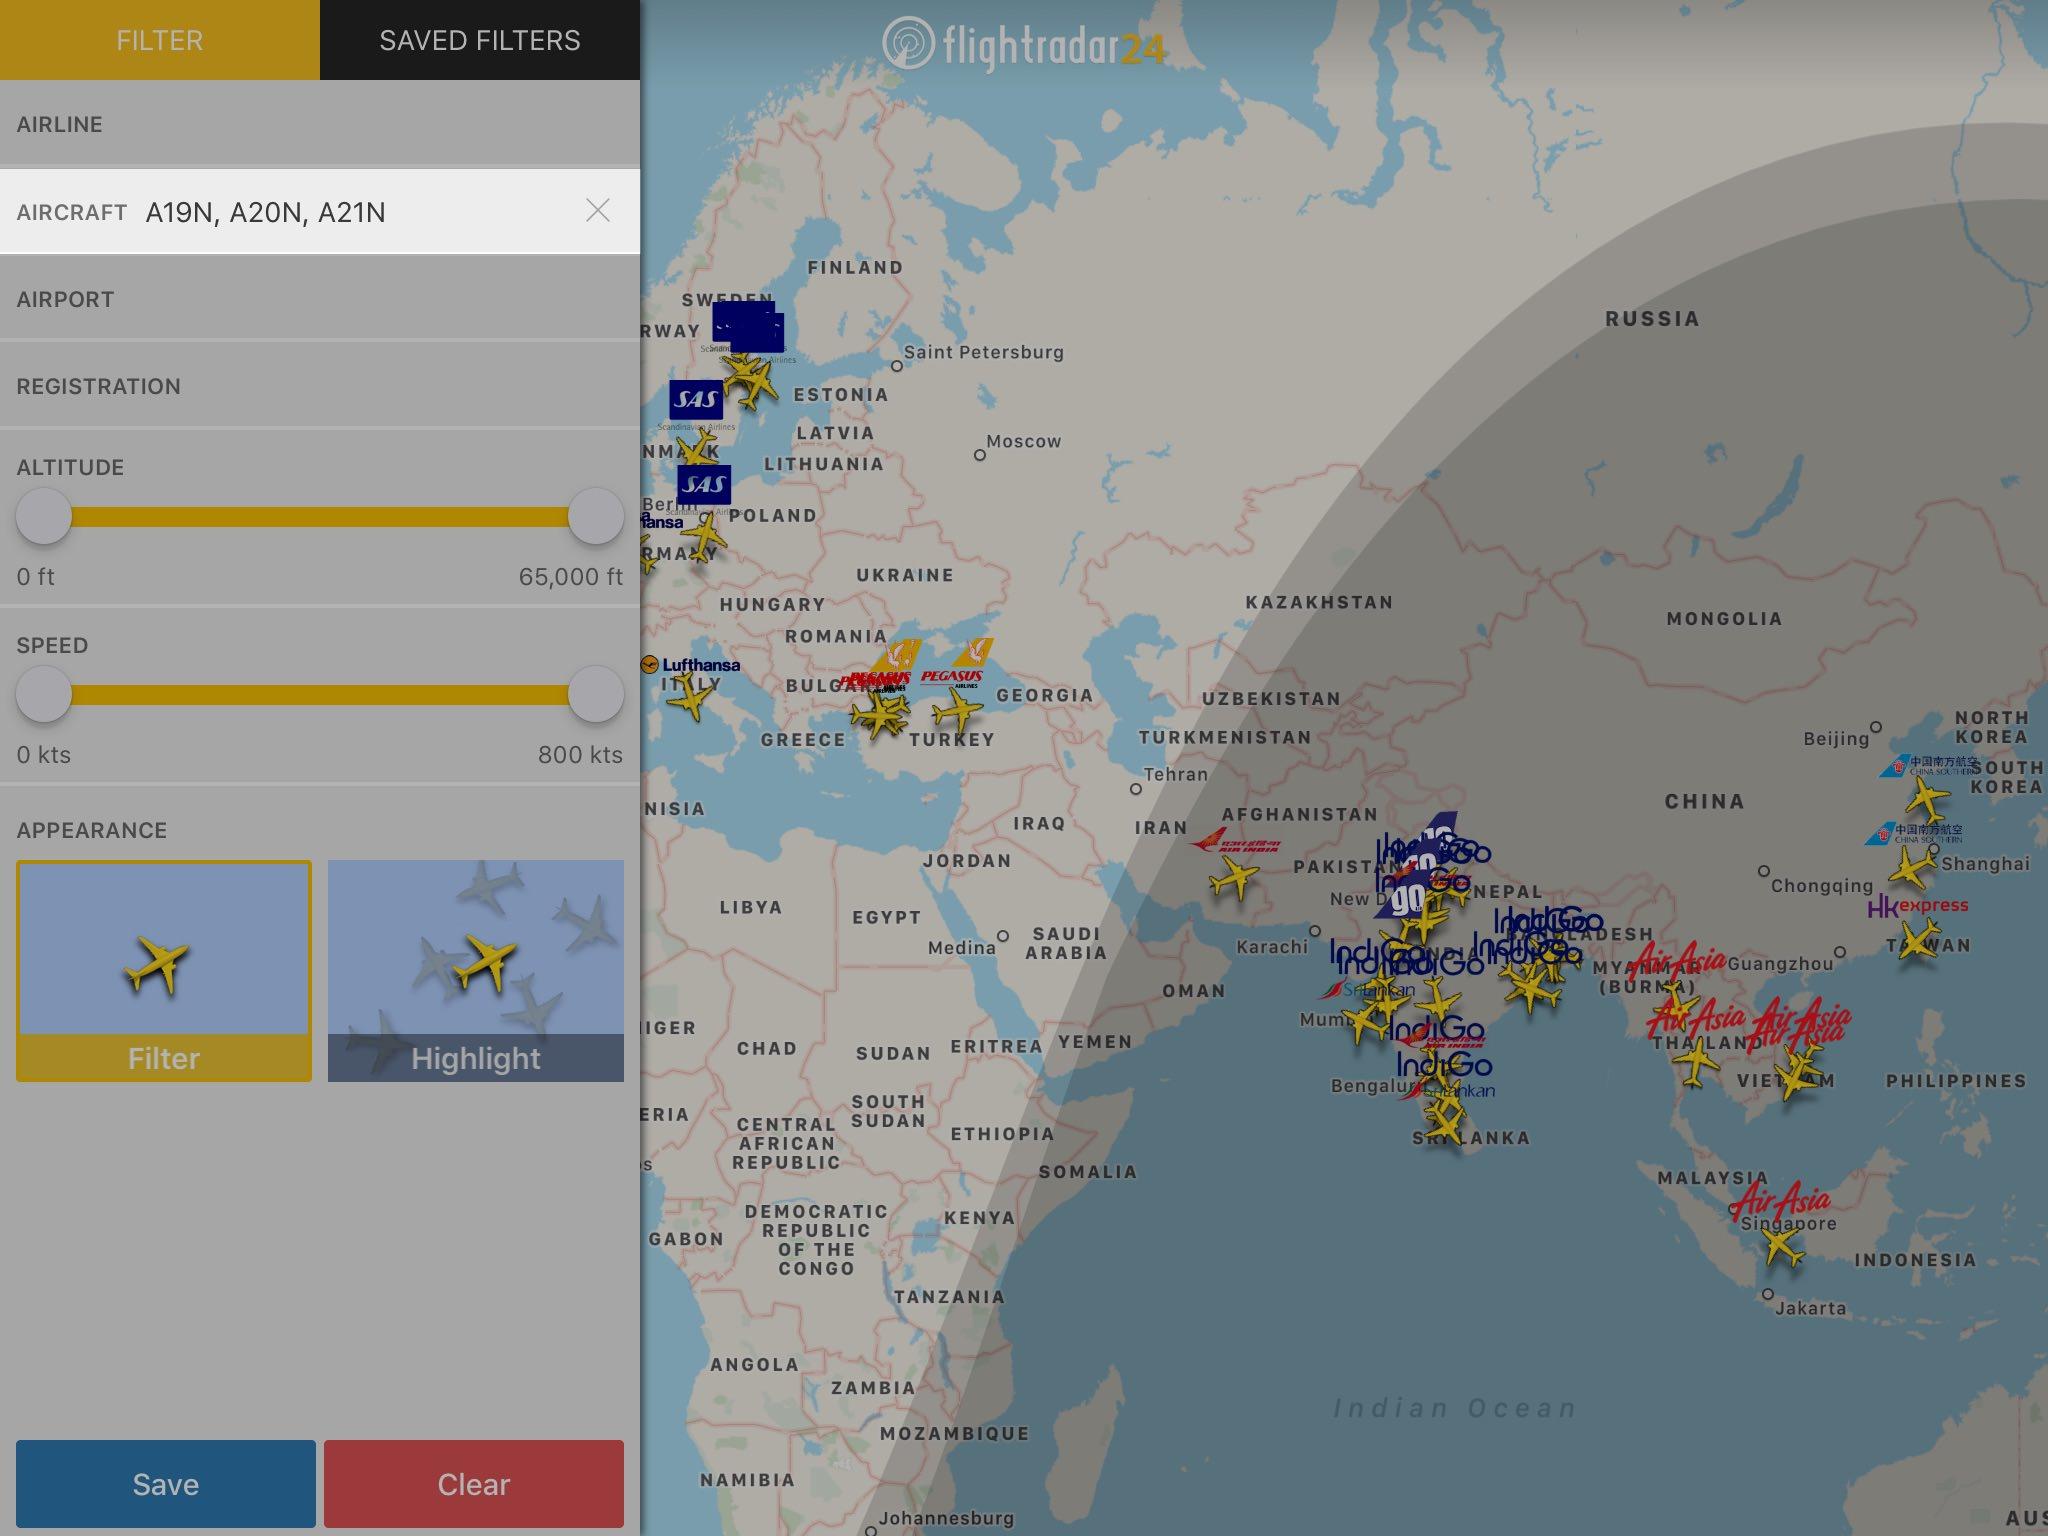 flightradar24 app